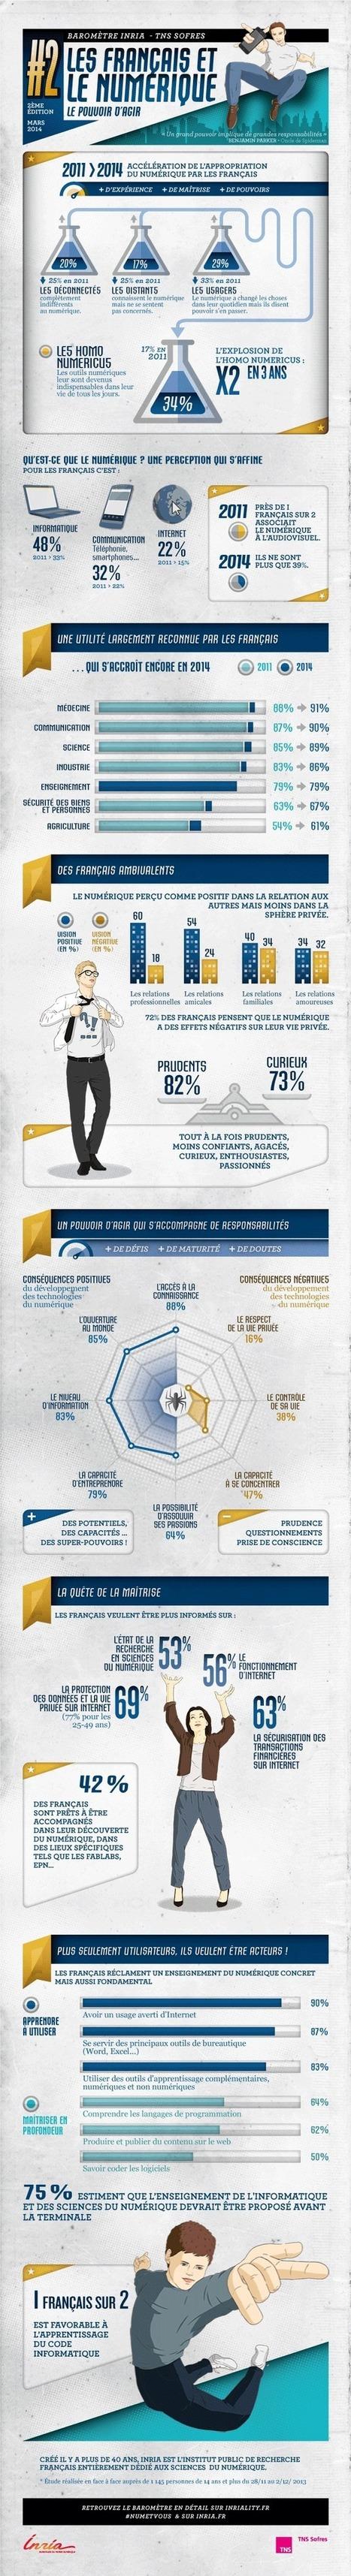 Les Français et le numérique en 2014 : 4 profils type, 10 chiffres clés et 2 infographies informatives | News from net | Scoop.it